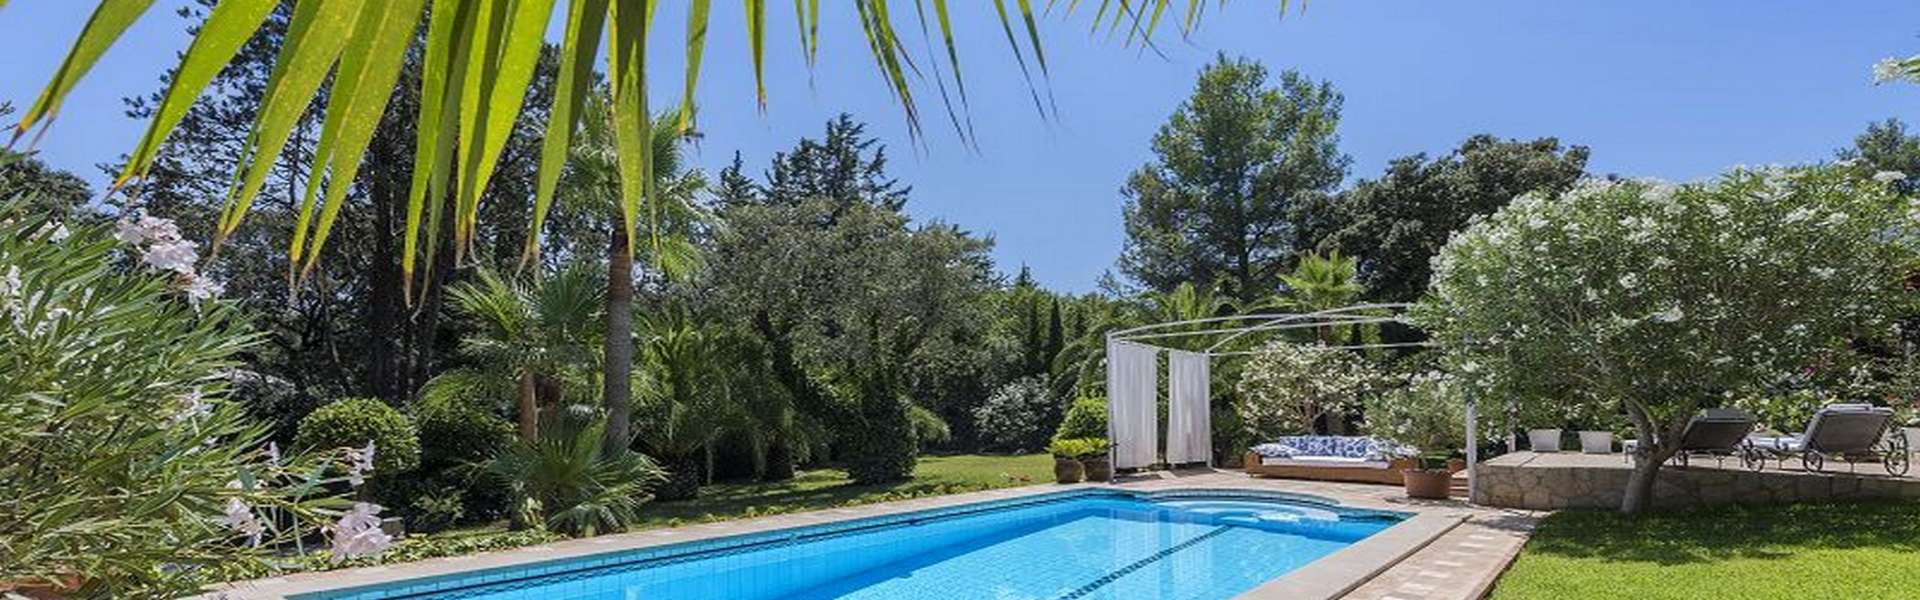 Pollensa - Reizende Villa in exklusiver Wohnlage